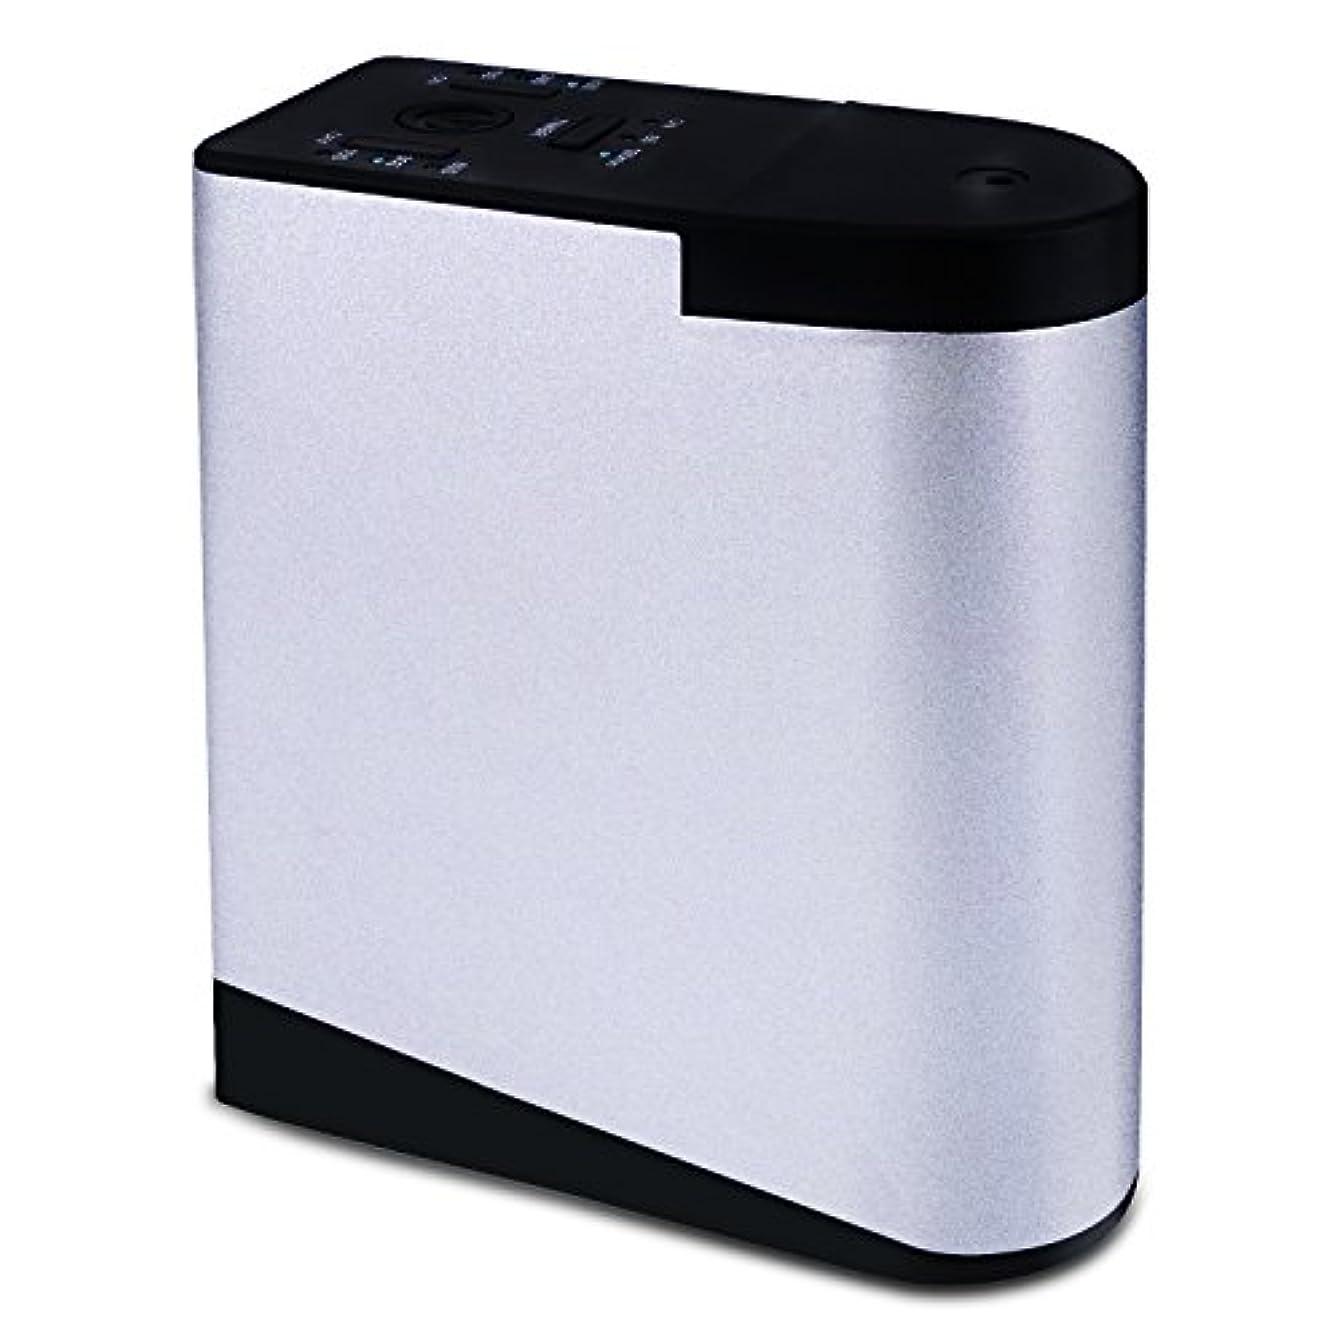 限られたチャーター課税ENERG e's Memory アロマディフューザー メモリー?タイマー機能 ネブライザー式 精油瓶2個スポイト付き T11-EN098